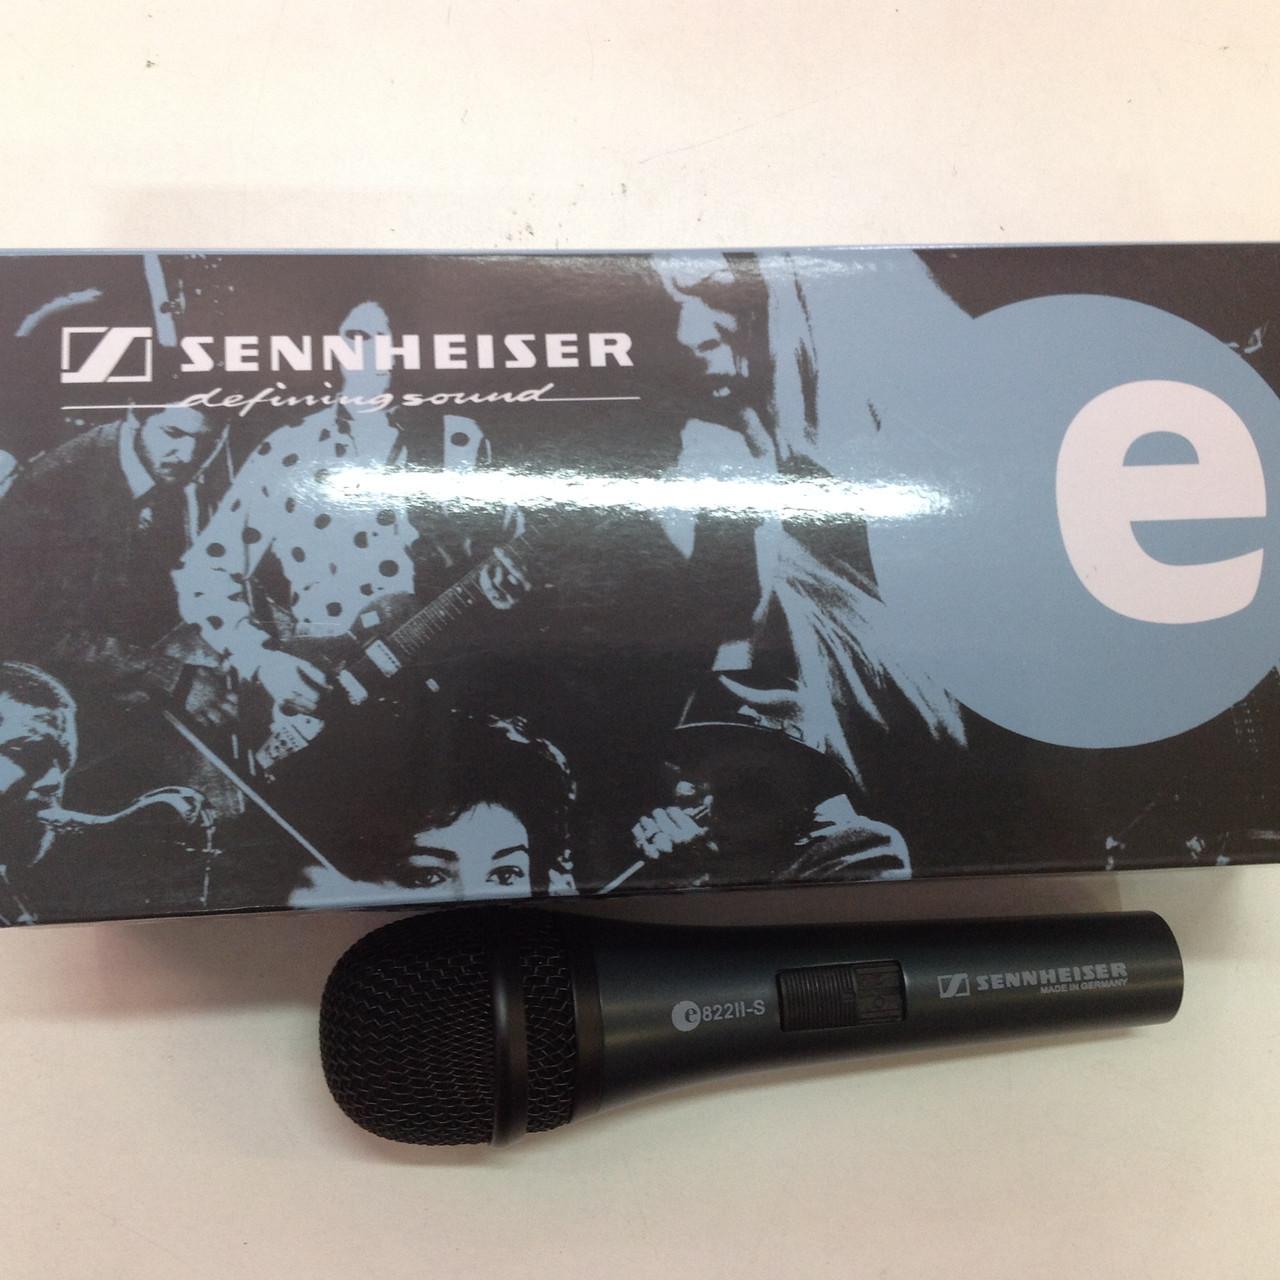 Микрофон SENNHEISER E 822II-s А-клас шнур 4м (копия хорошего качества)